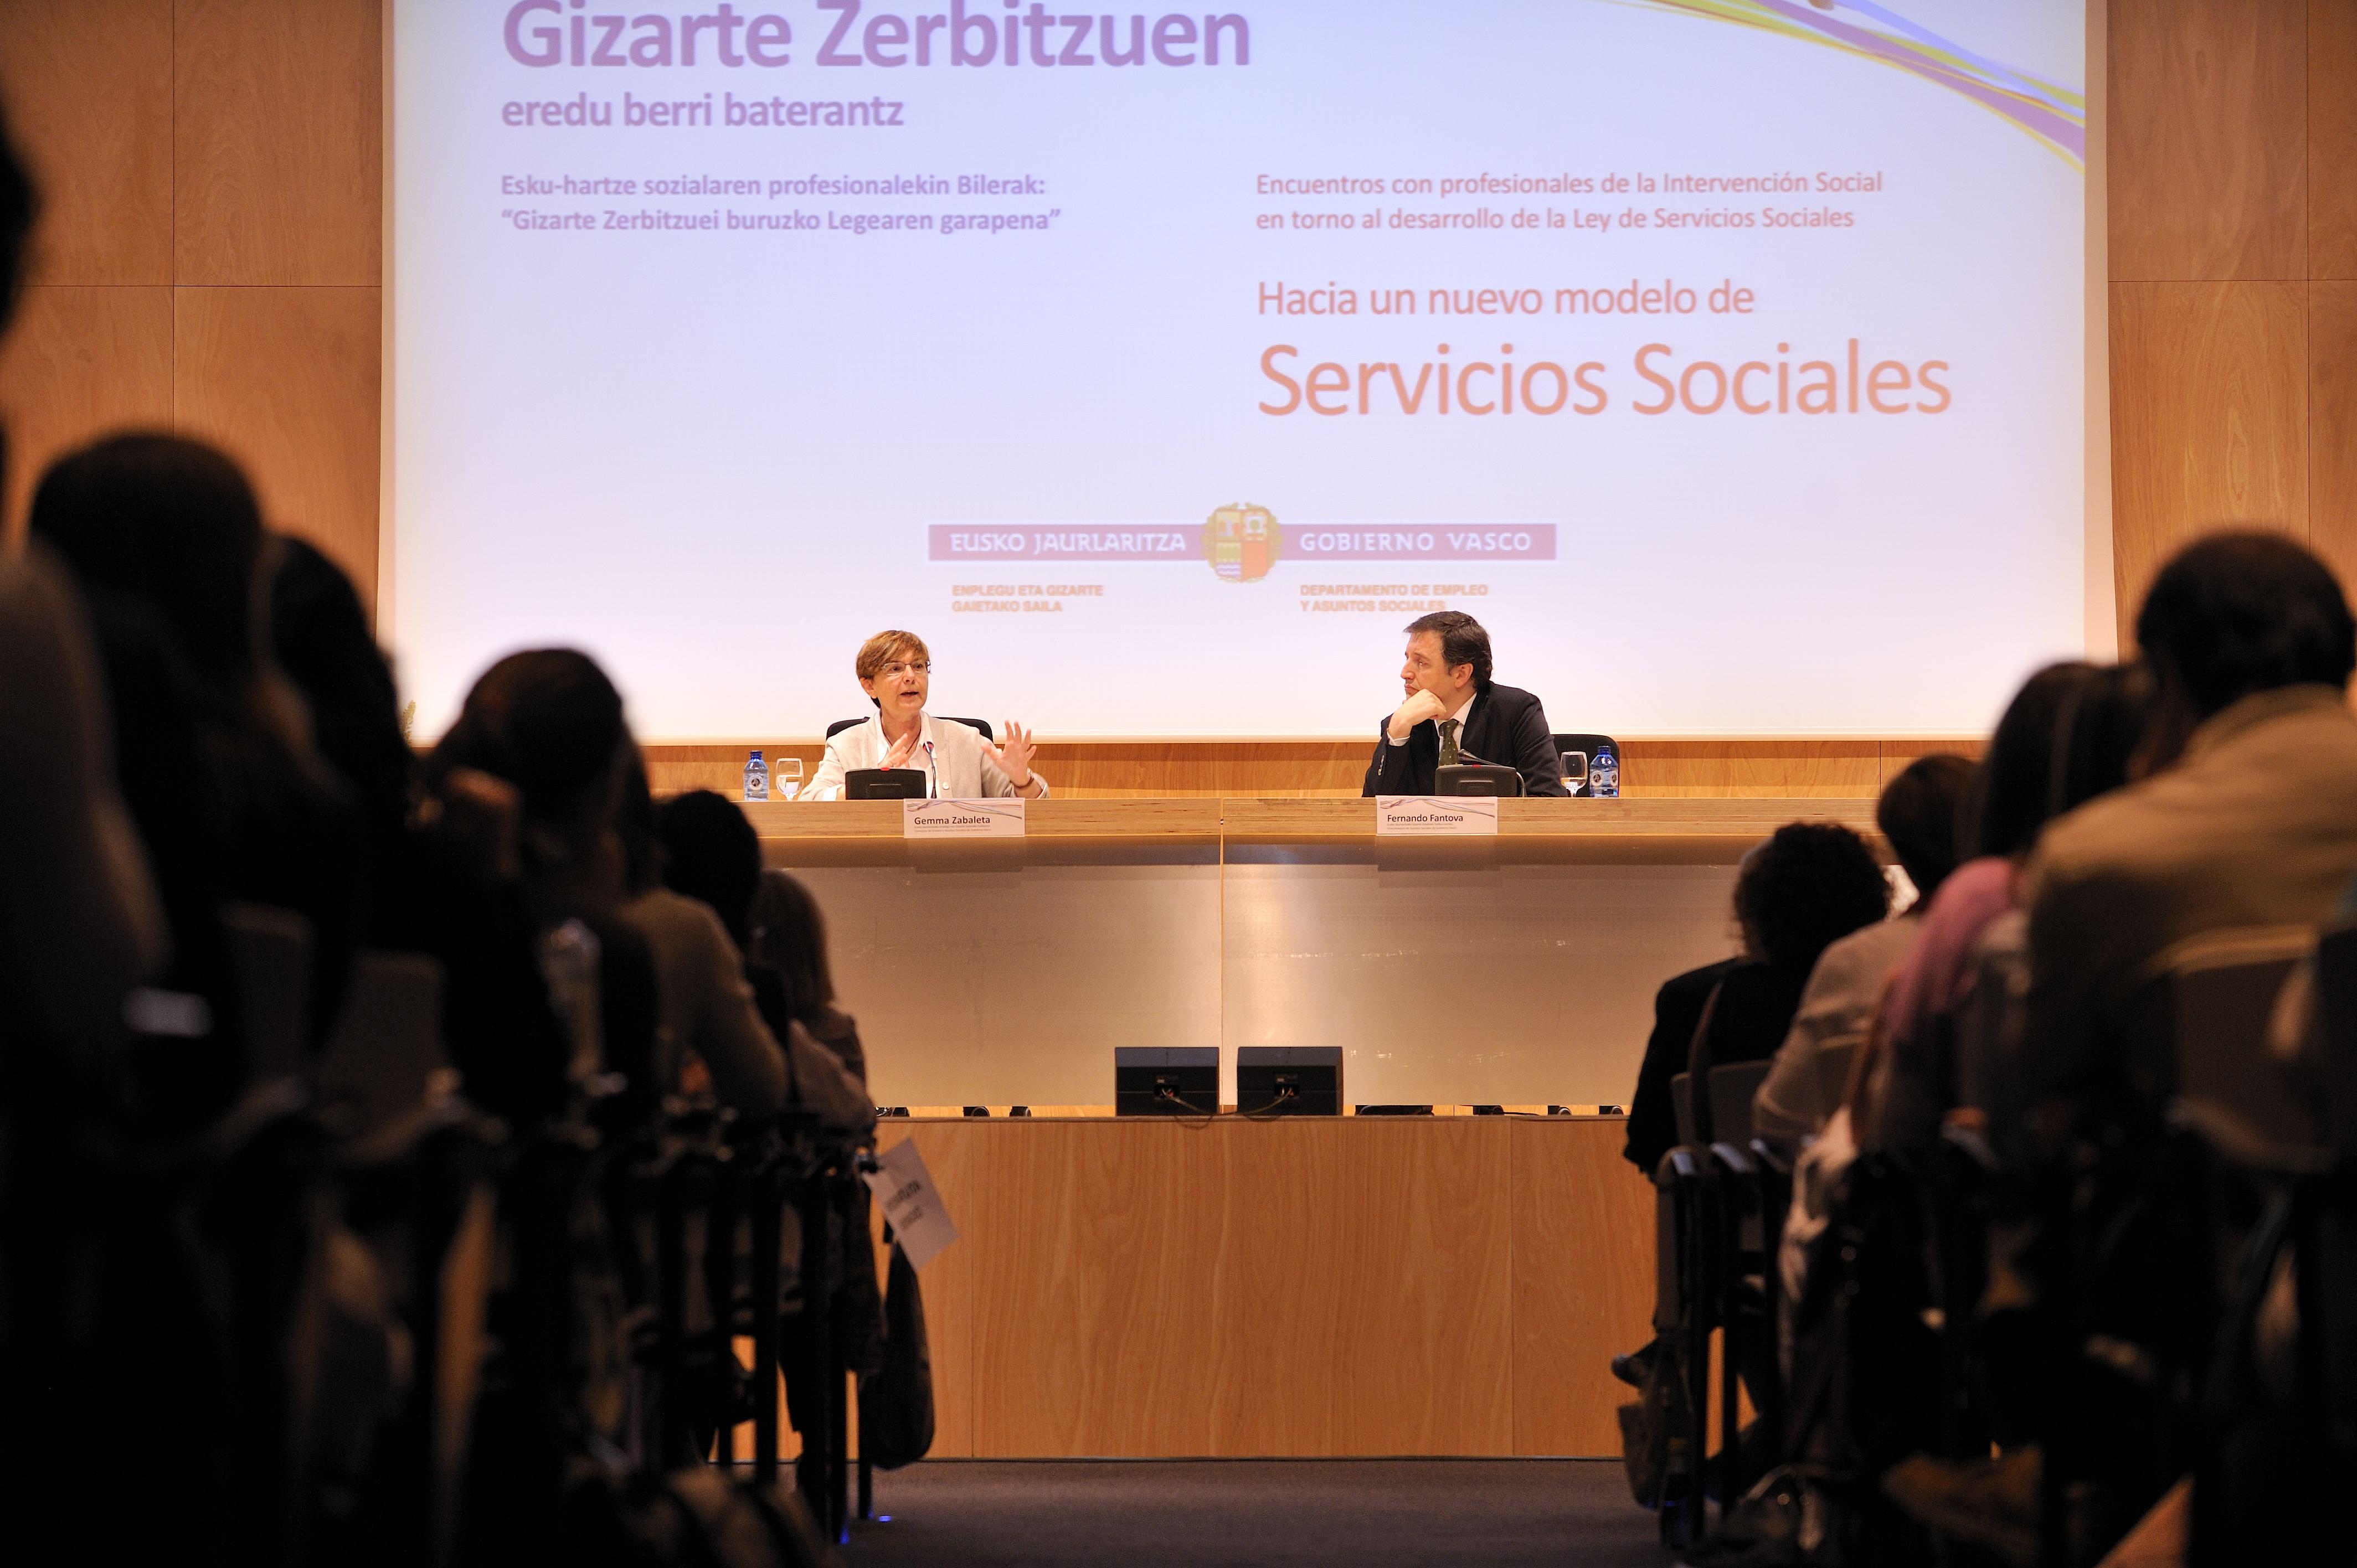 servicios_sociales4.jpg